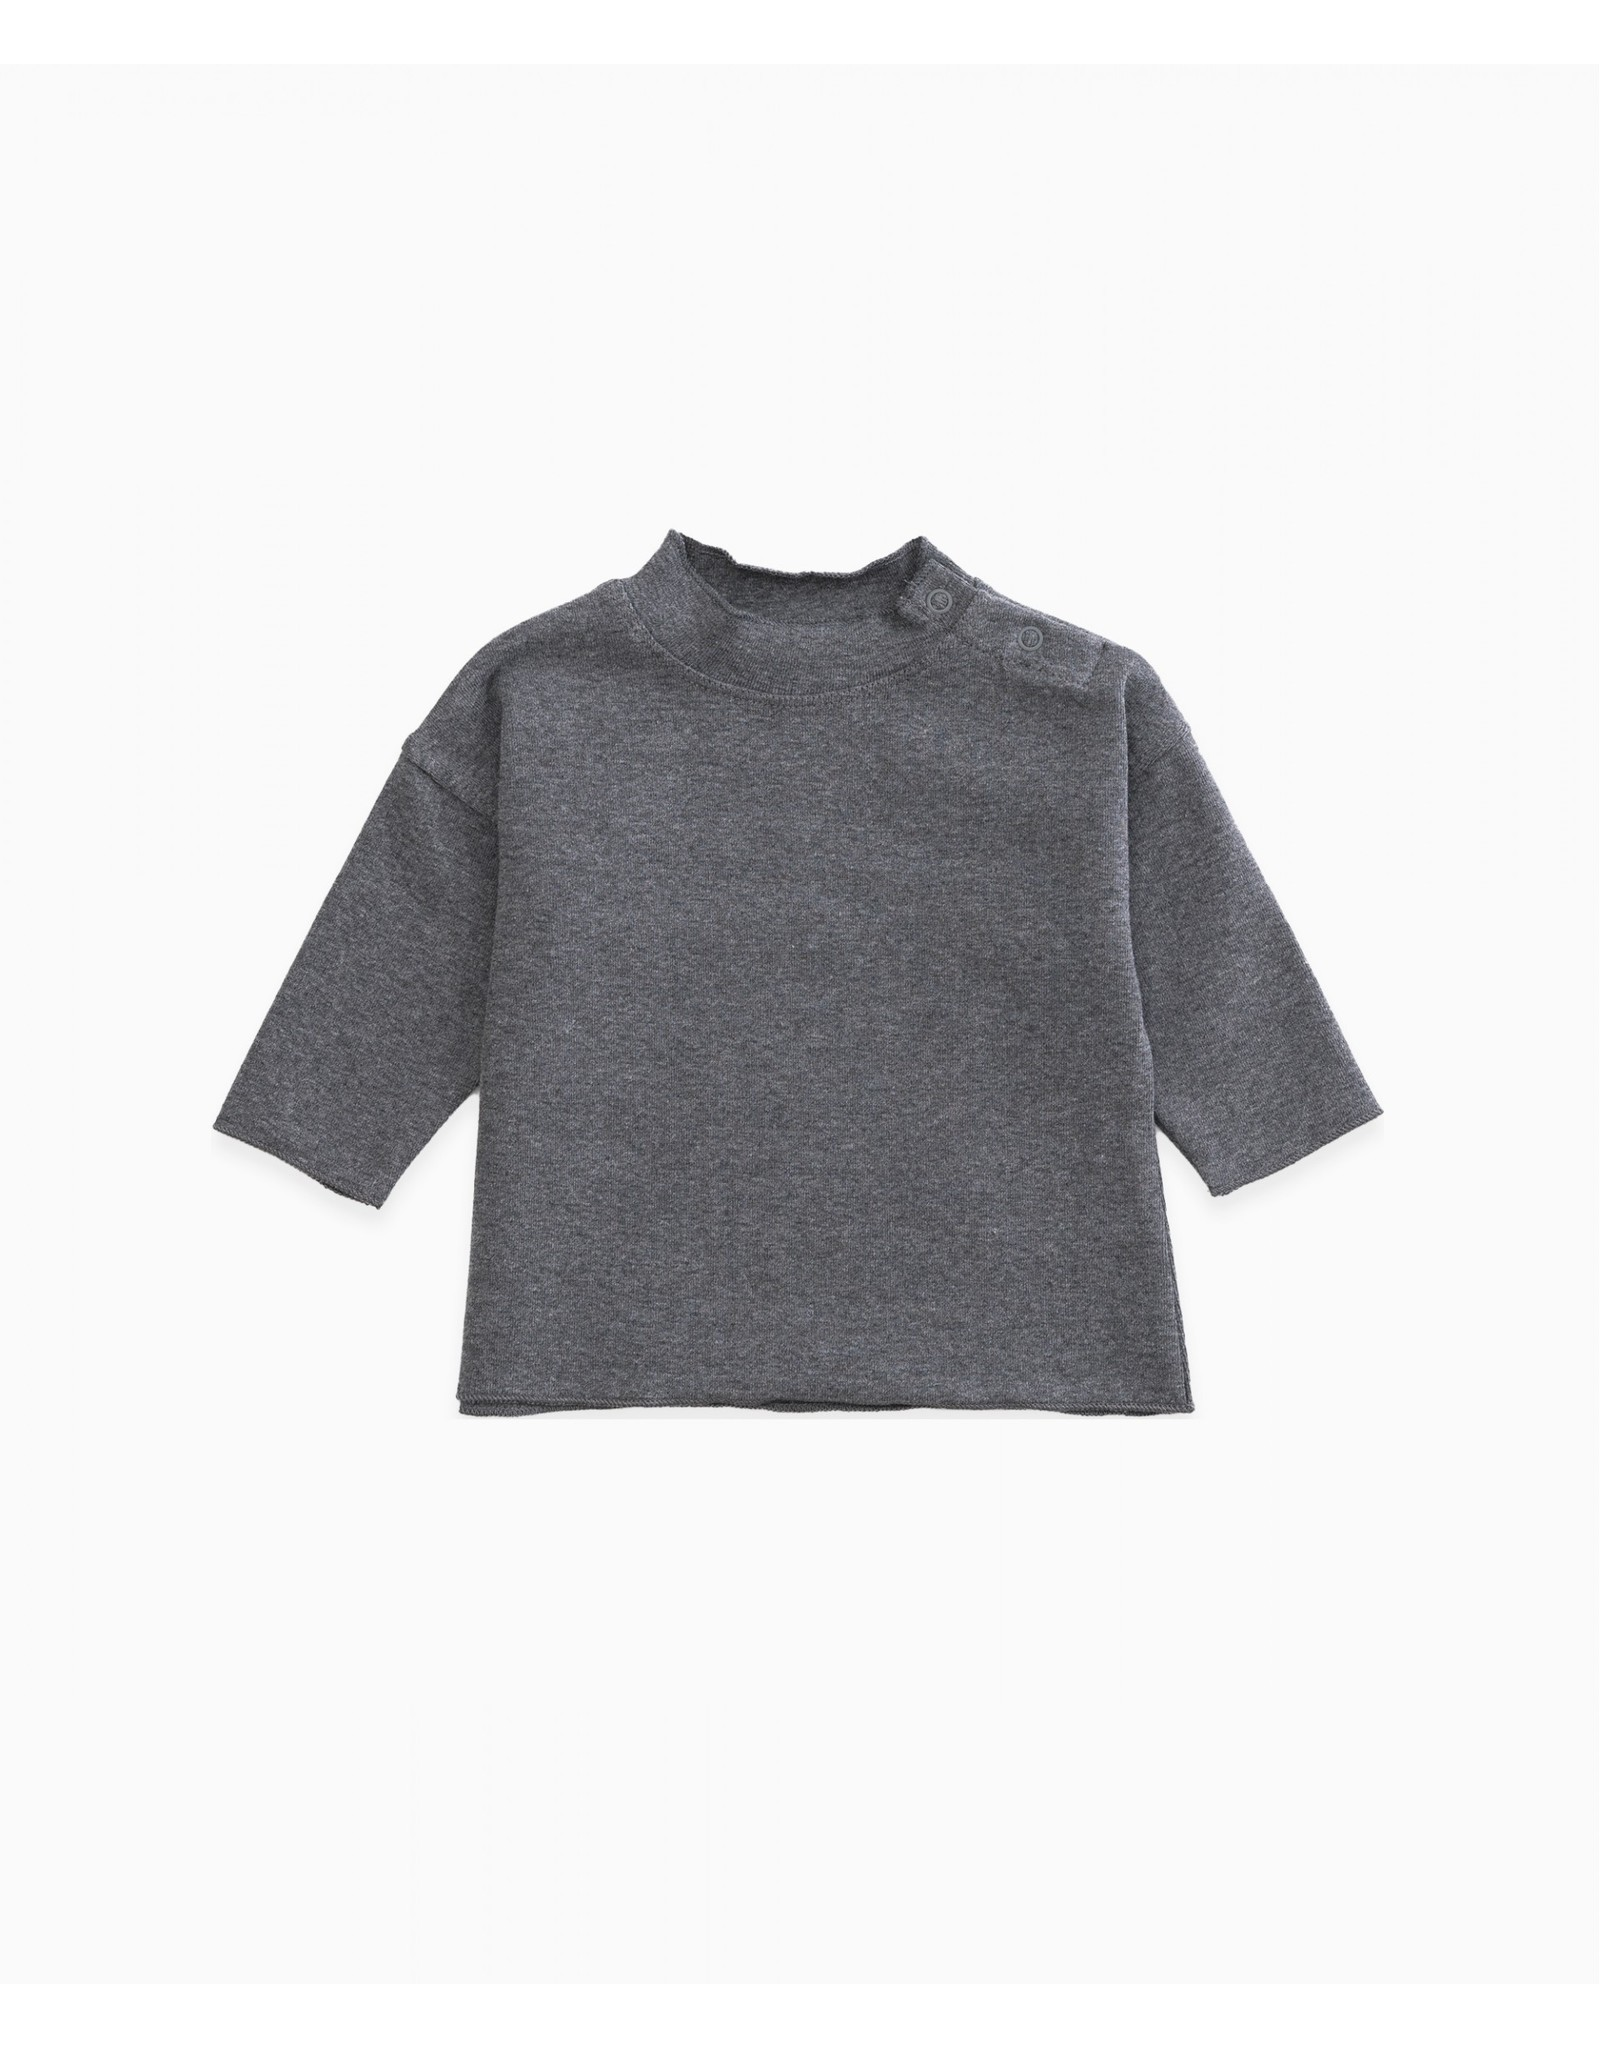 Play Up Play Up shirtje met zijkant knoopjes Grey Melange (grijs)